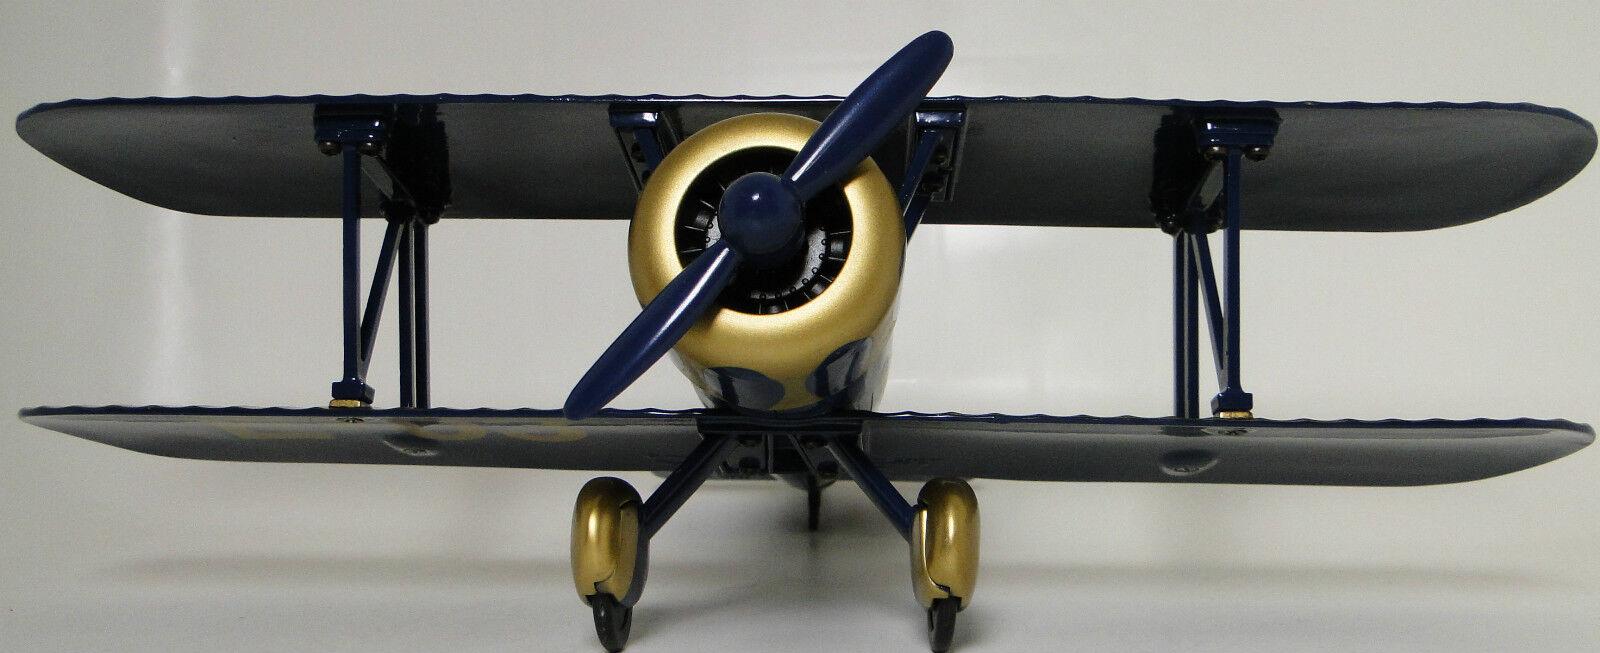 flygagagplan Militär modellllerl tärningskast Armor WW1 årgång 1 48 Karusellblå